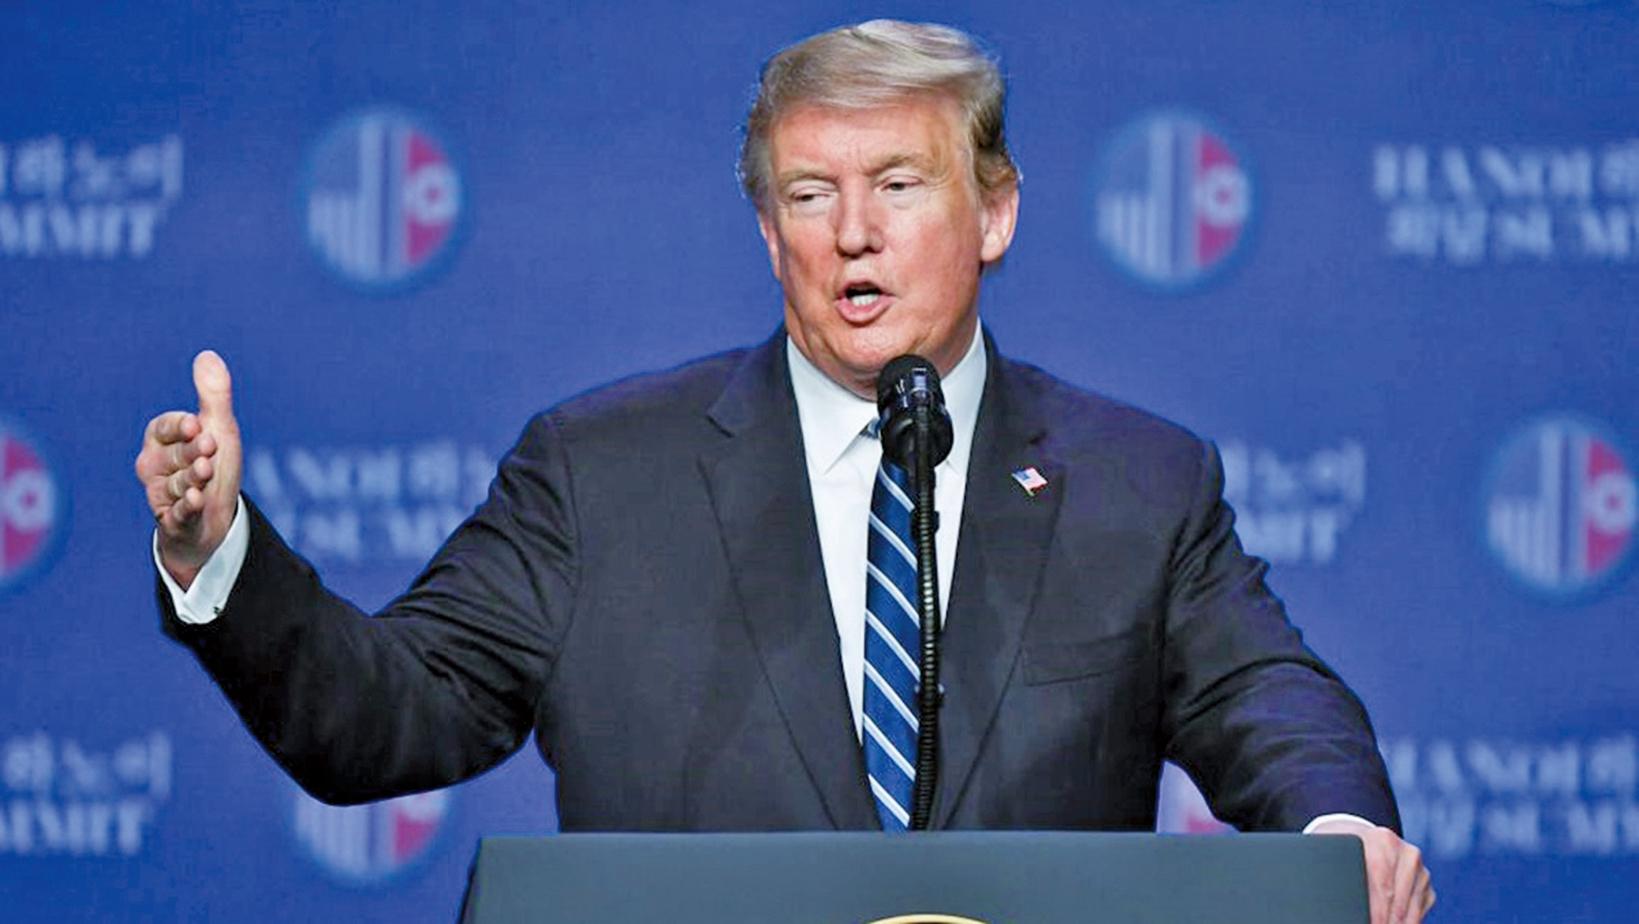 美國總統特朗普於3月11日公佈2020年度聯邦預算案。(亦平╱大紀元)